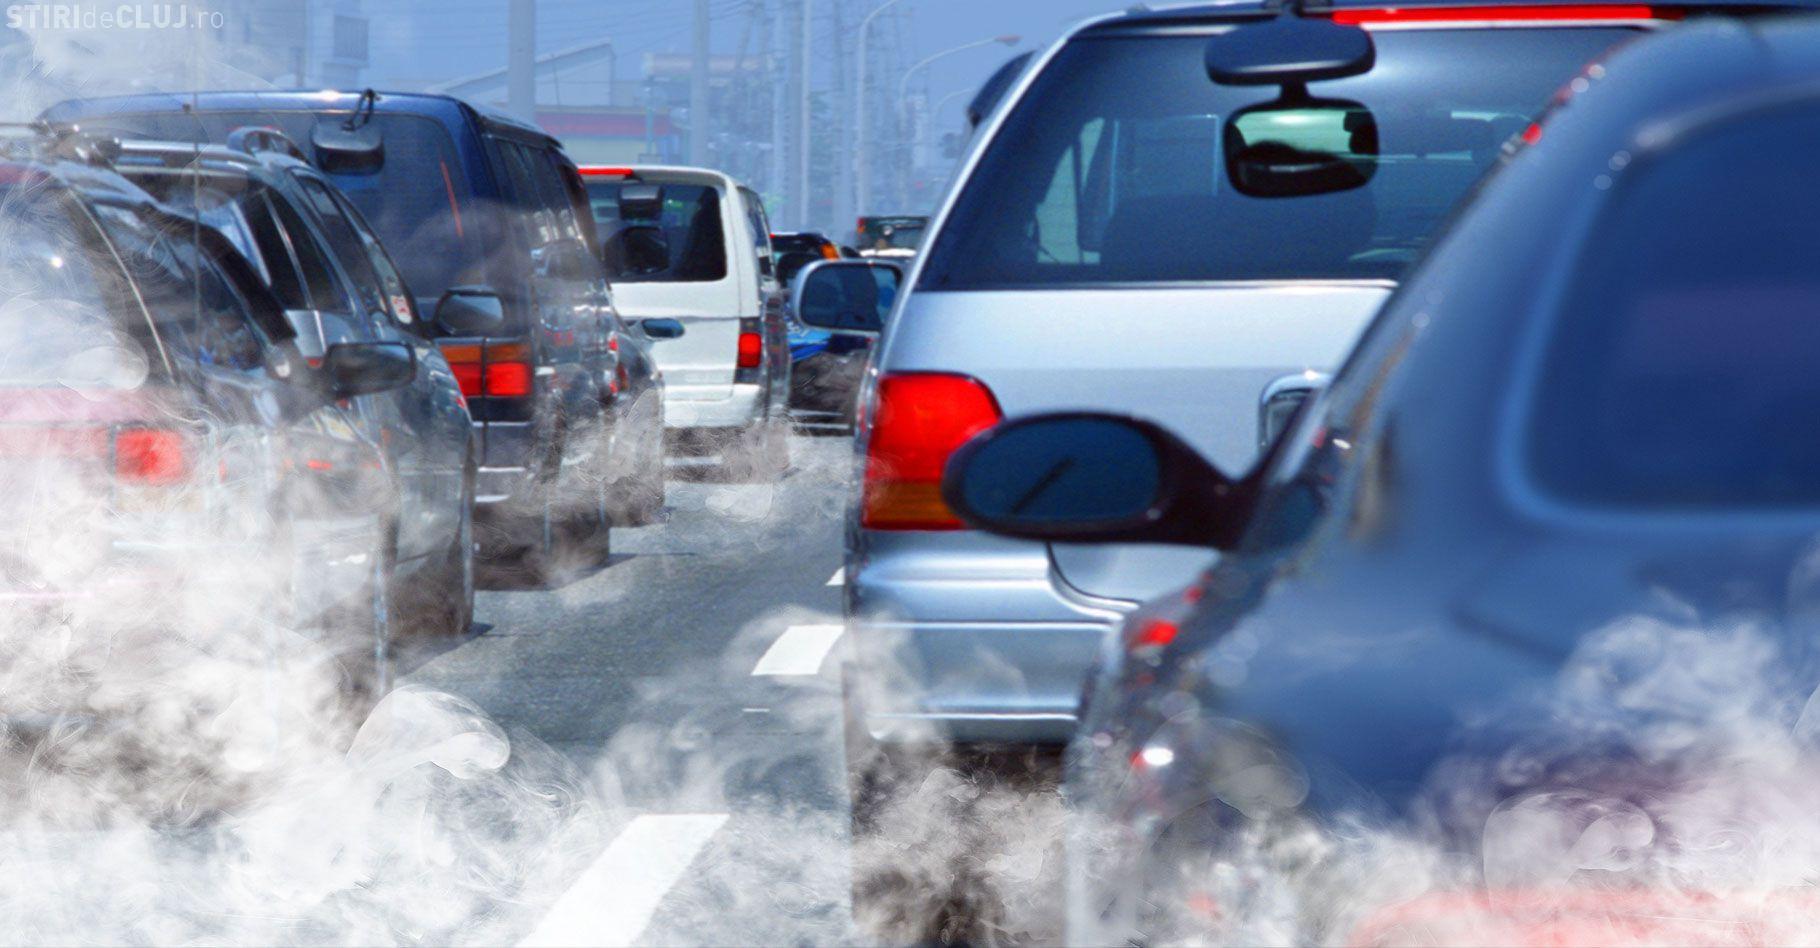 În locul timbrului de mediu, ar putea apărea certificatele de calitate a aerului